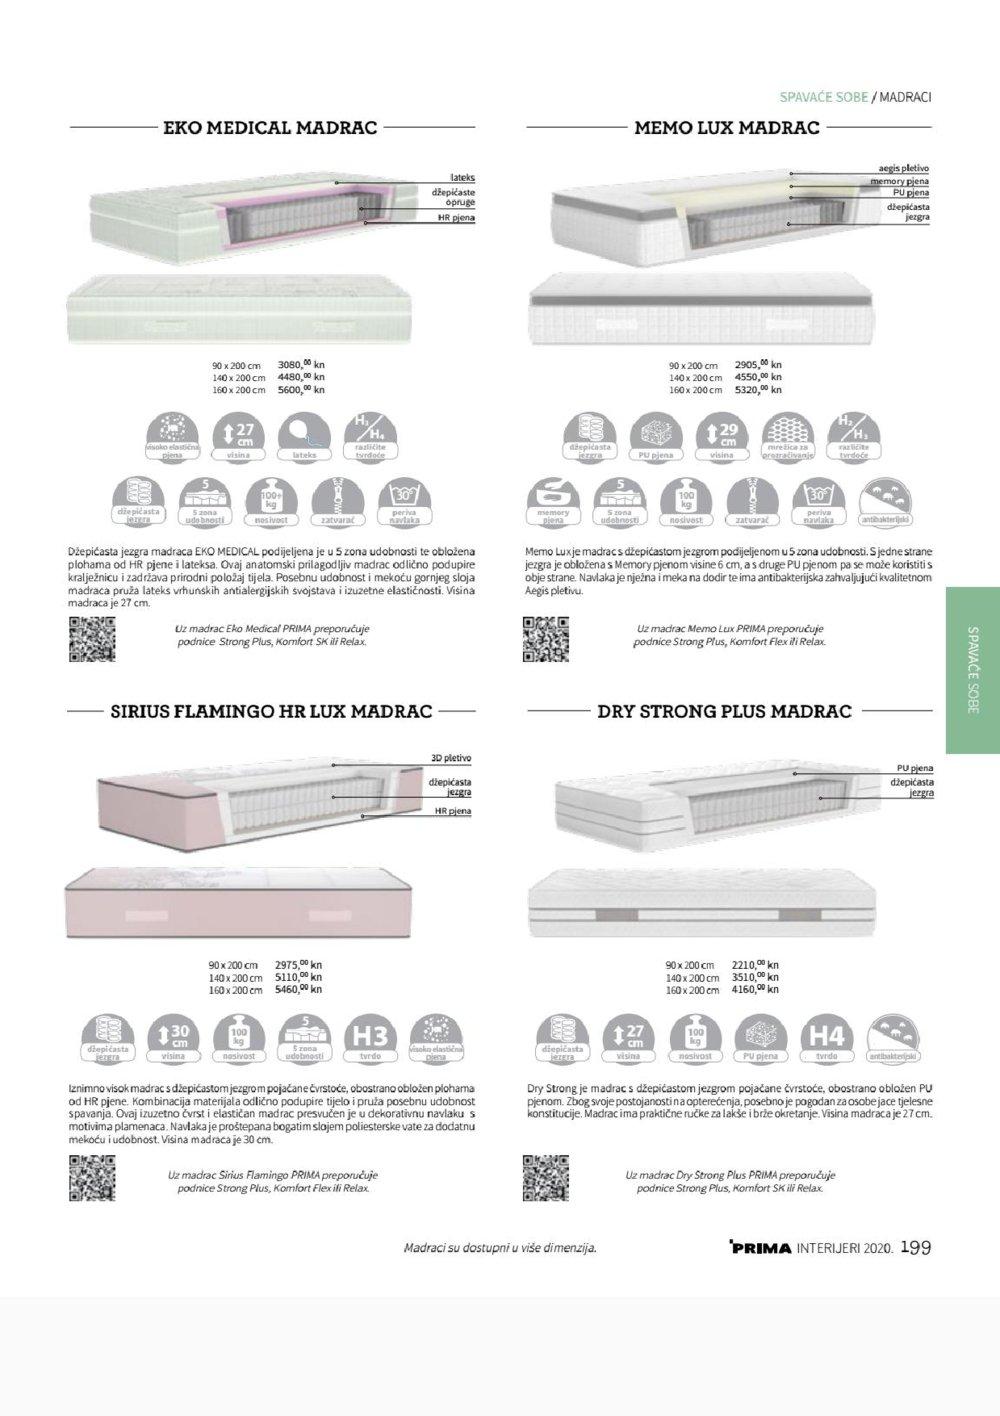 Prima katalog Akcija Interijeri 15.06.-31.12.2020.